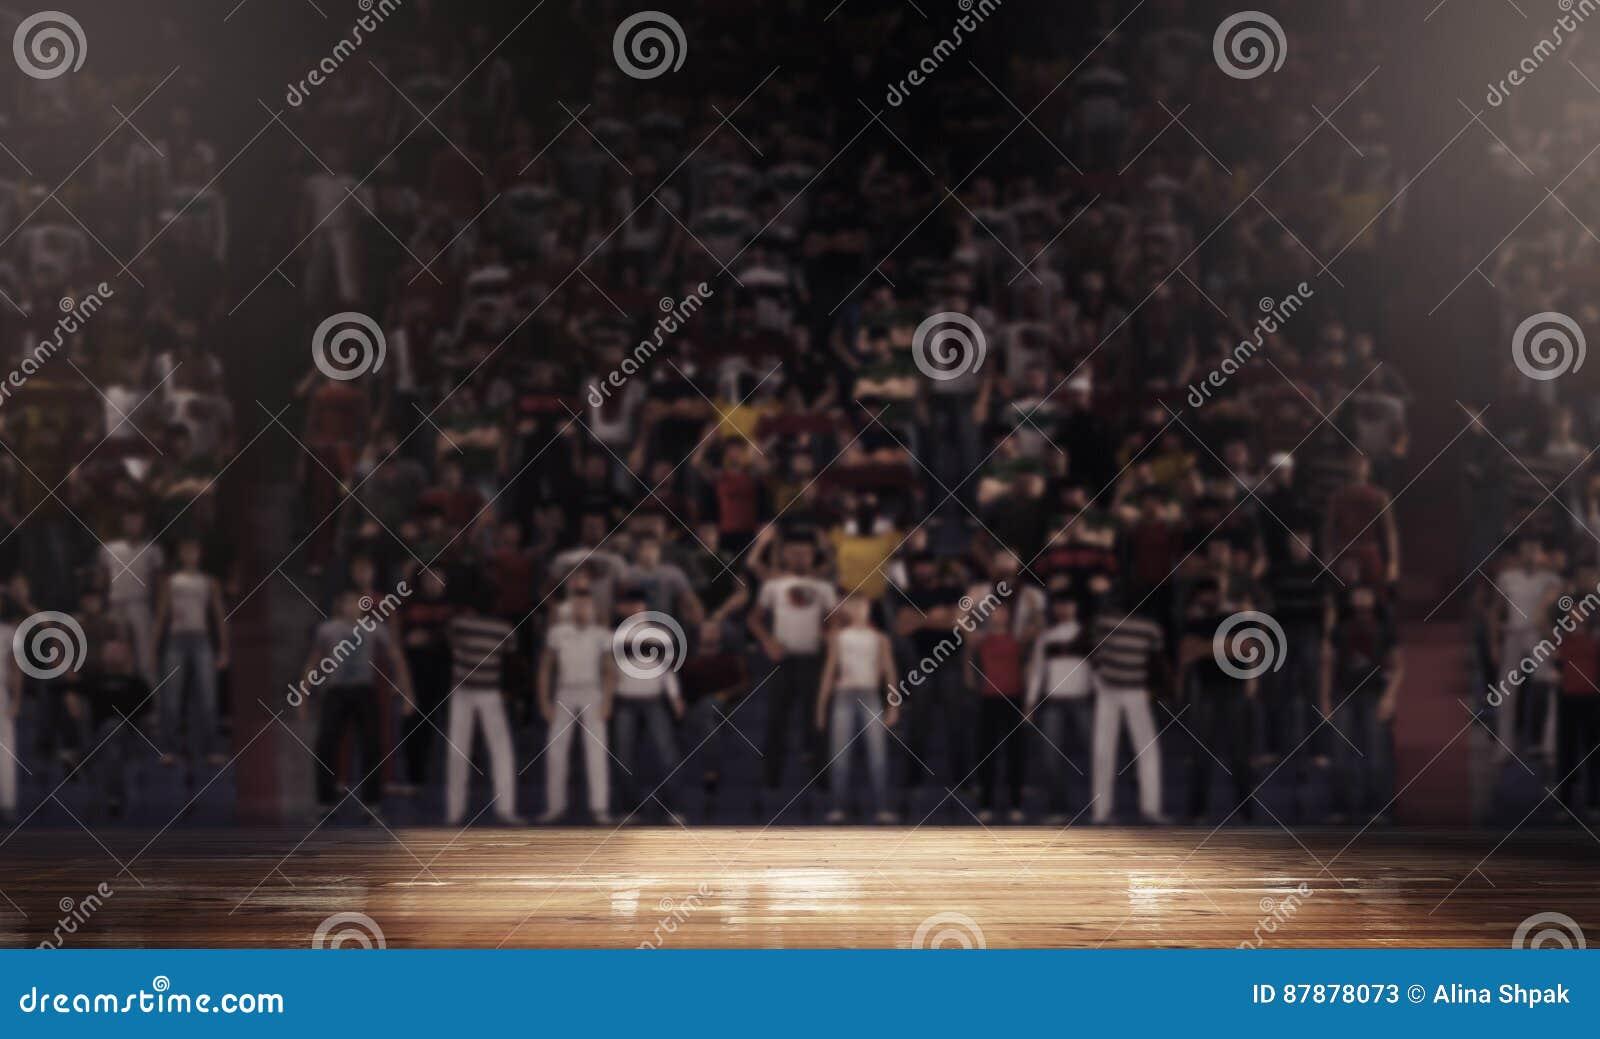 Профессиональная арена баскетбольной площадки чистая